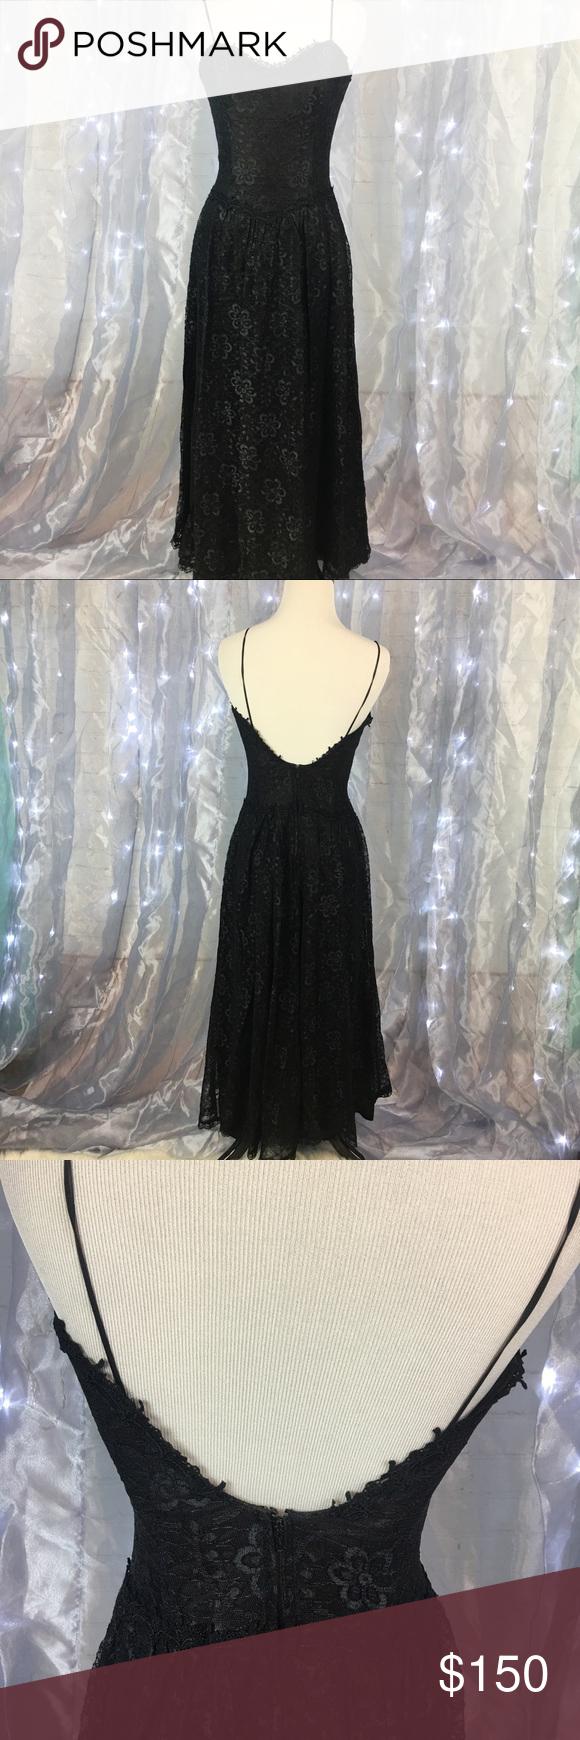 Authentic Vintage Black Lace Dress Gunne Sax Vintage Black Lace Dress Vintage Wedding Guest Dresses Lace Wedding Dress Vintage [ 1740 x 580 Pixel ]